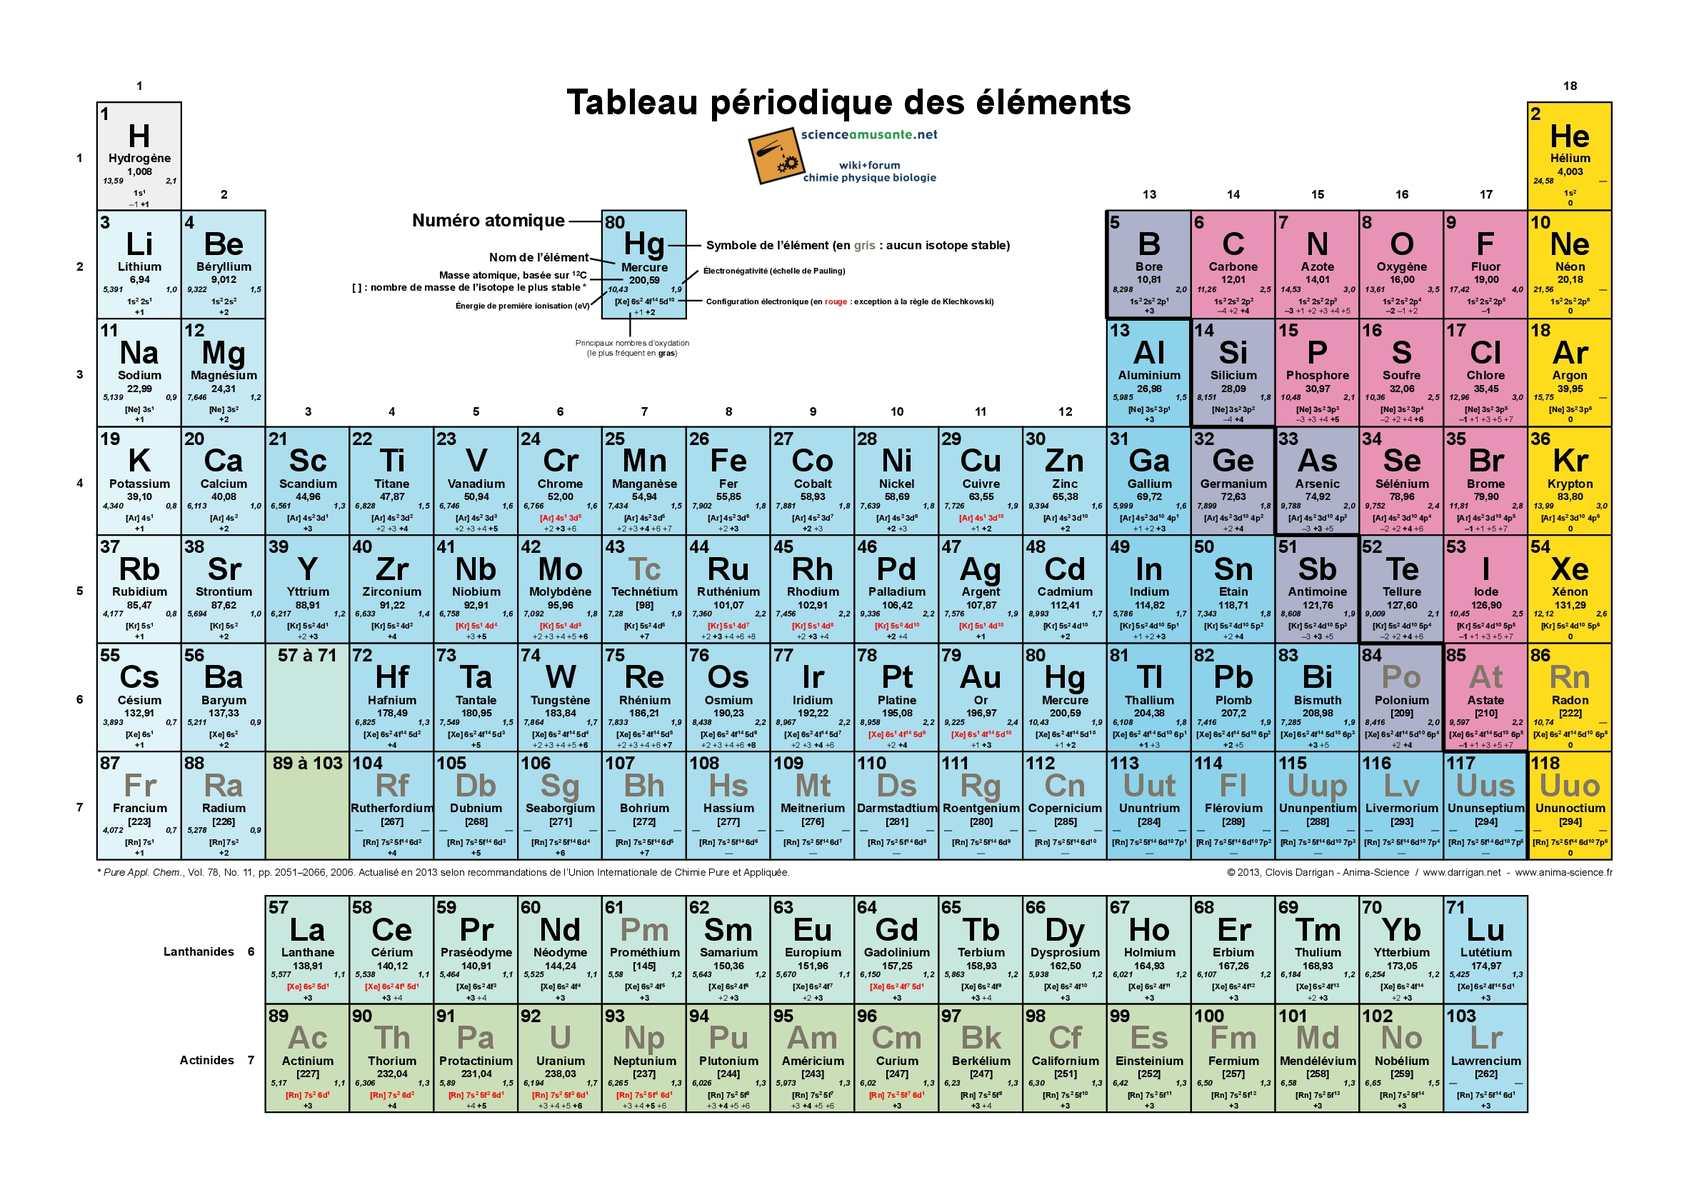 Calam o tableau periodique des elements for C tableau periodique